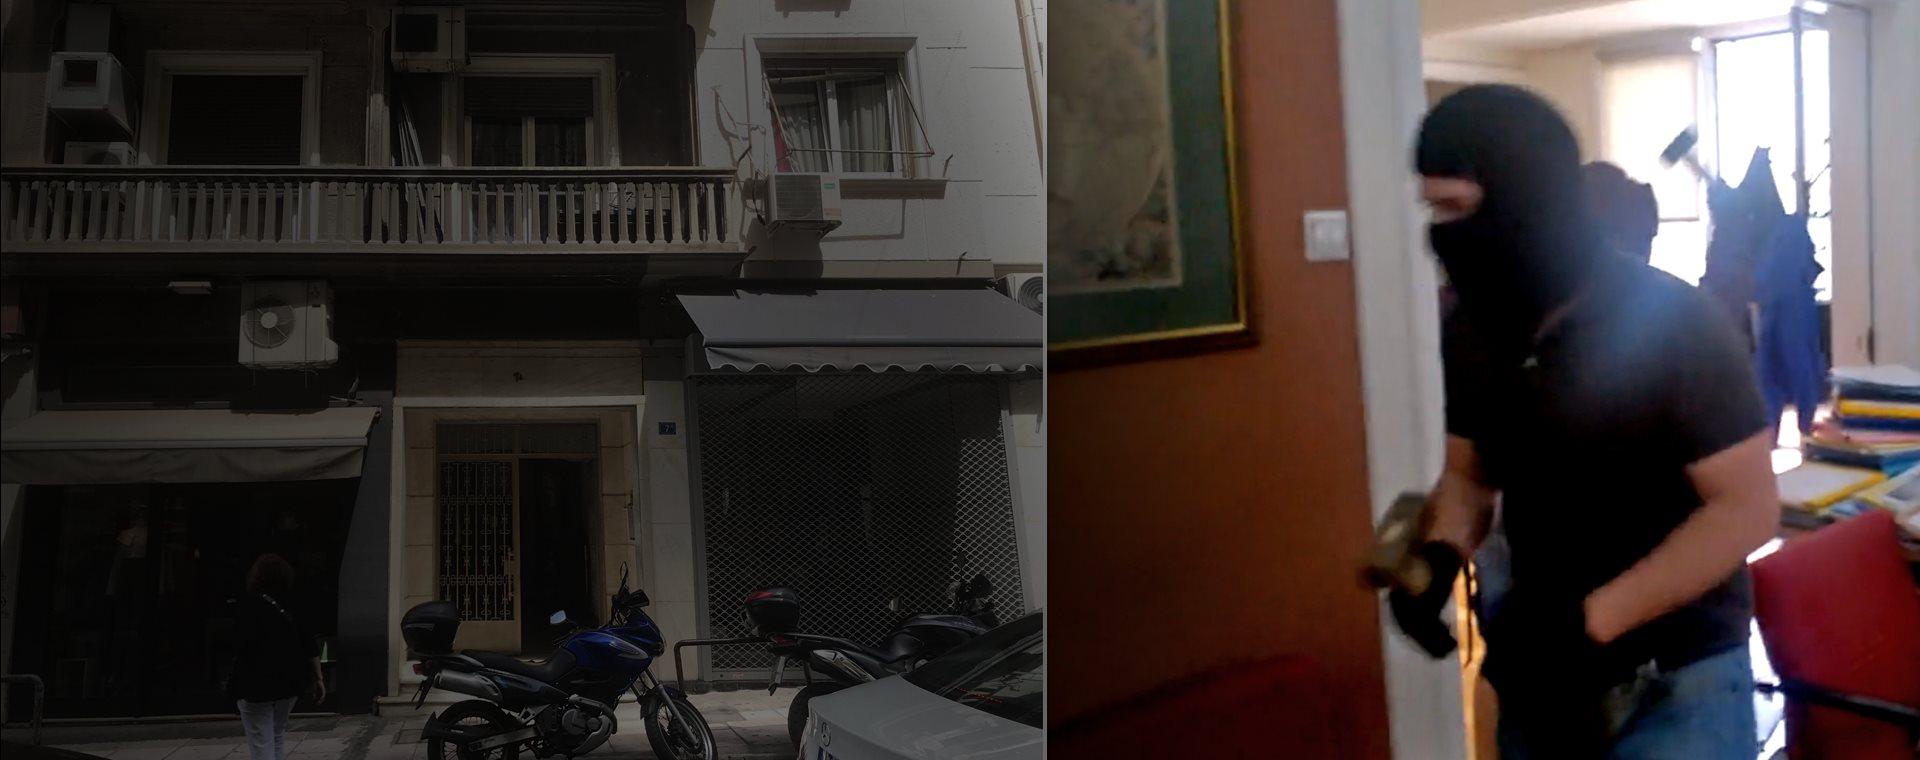 Αποτέλεσμα εικόνας για «Ντου» του Ρουβίκωνα με βαριοπούλες σε συμβολαιογραφείο στην Αθήνα